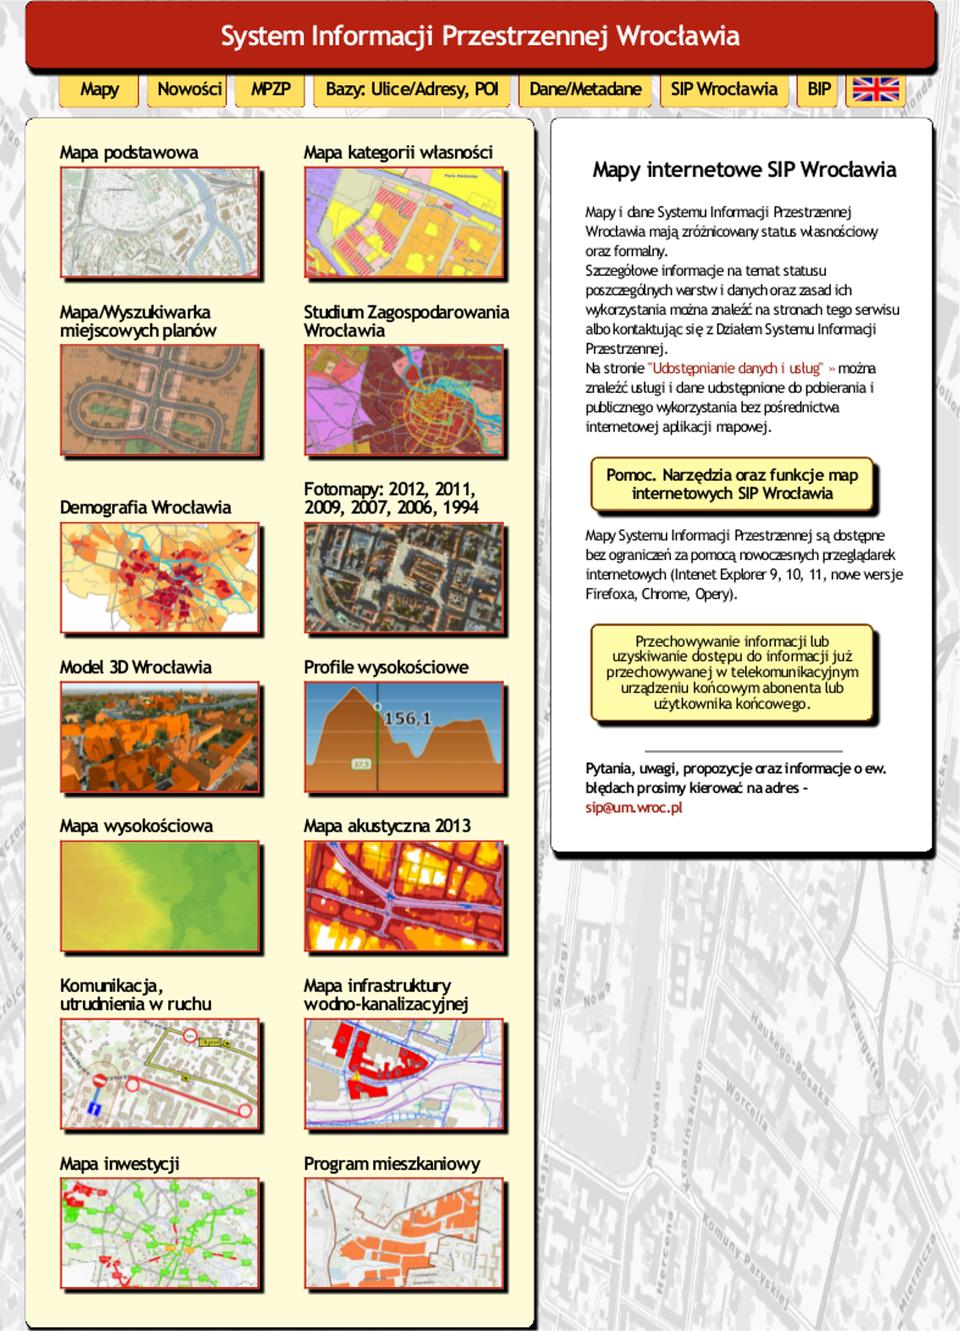 Ilustracja przedstawia stronę startową Systemu Informacji Przestrzennej Wrocławia.